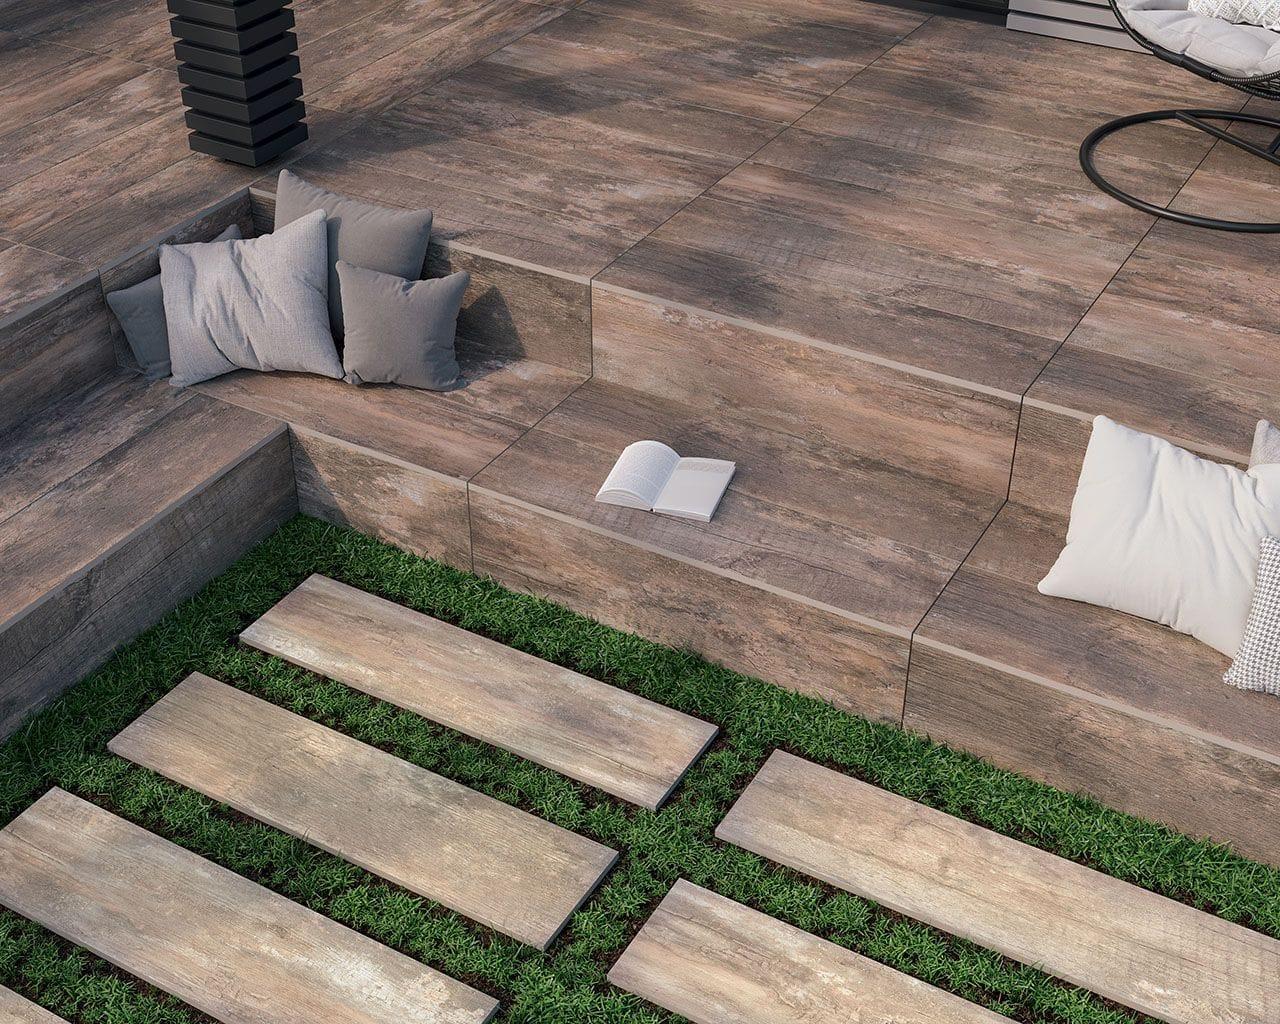 deski drewniane z ceramiki, taras z poduszkami